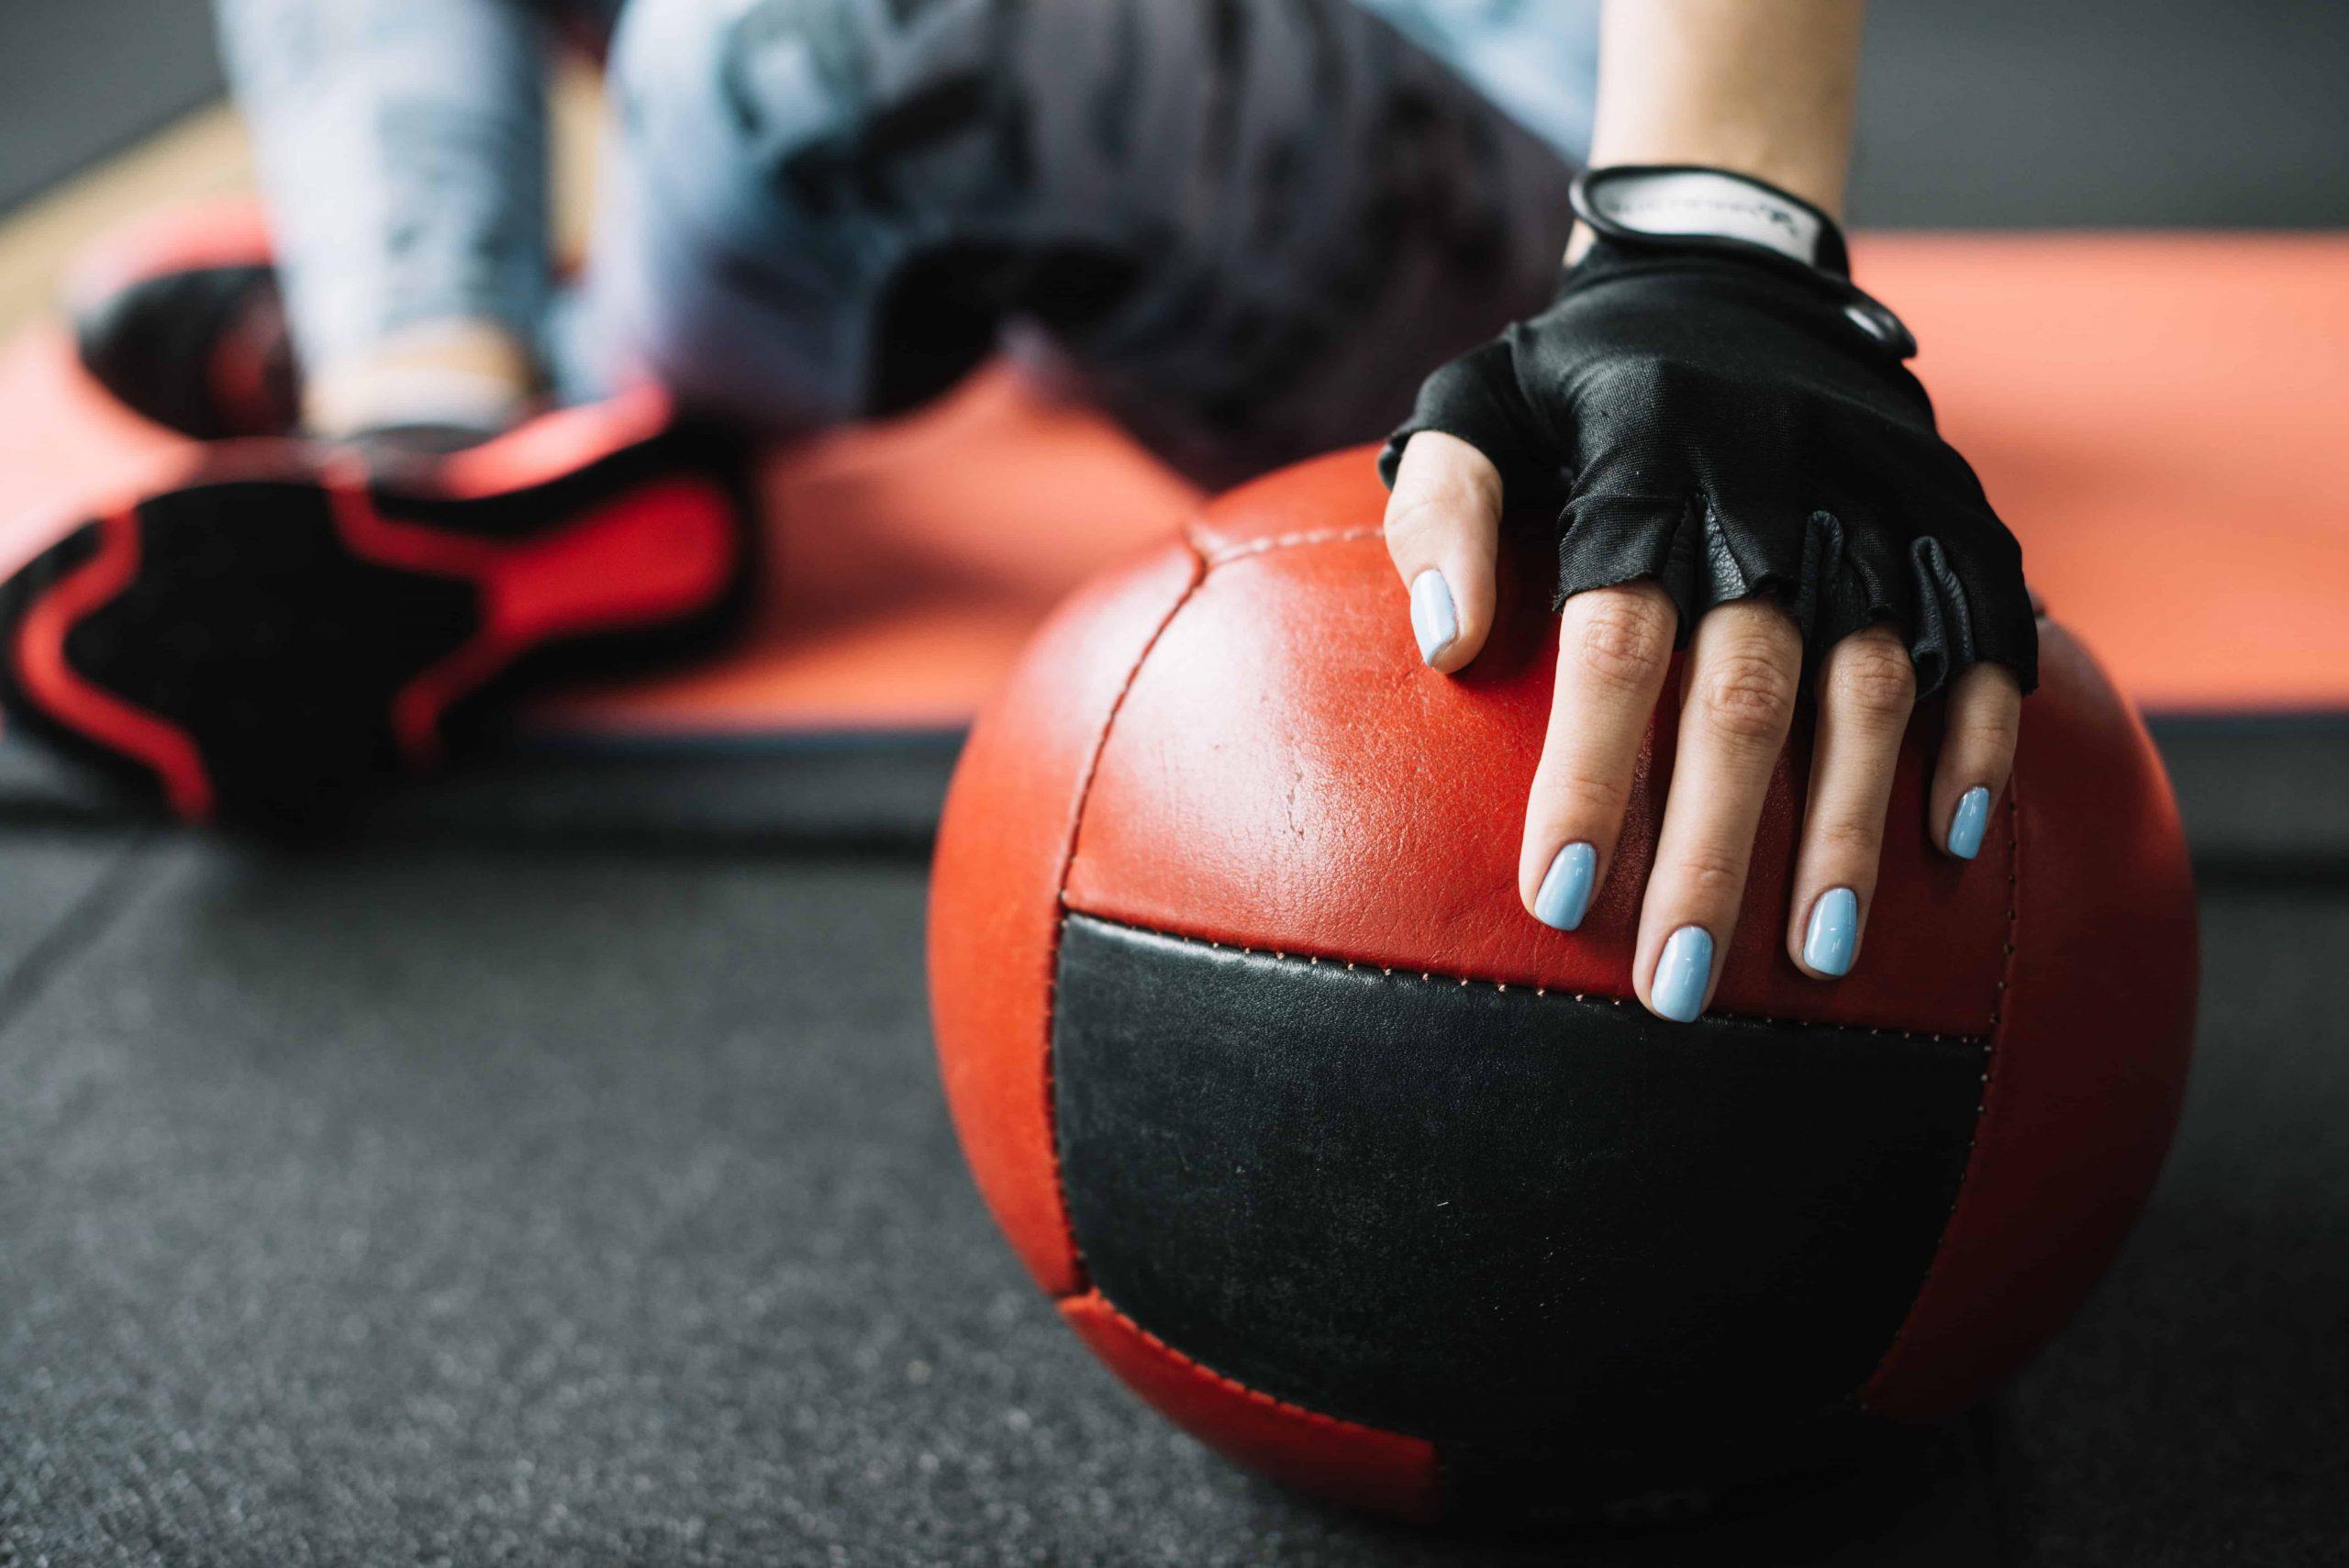 Moça sentada em colchonete de academia usando luvas esportivas pretas apoia mão sobre bola de couro.